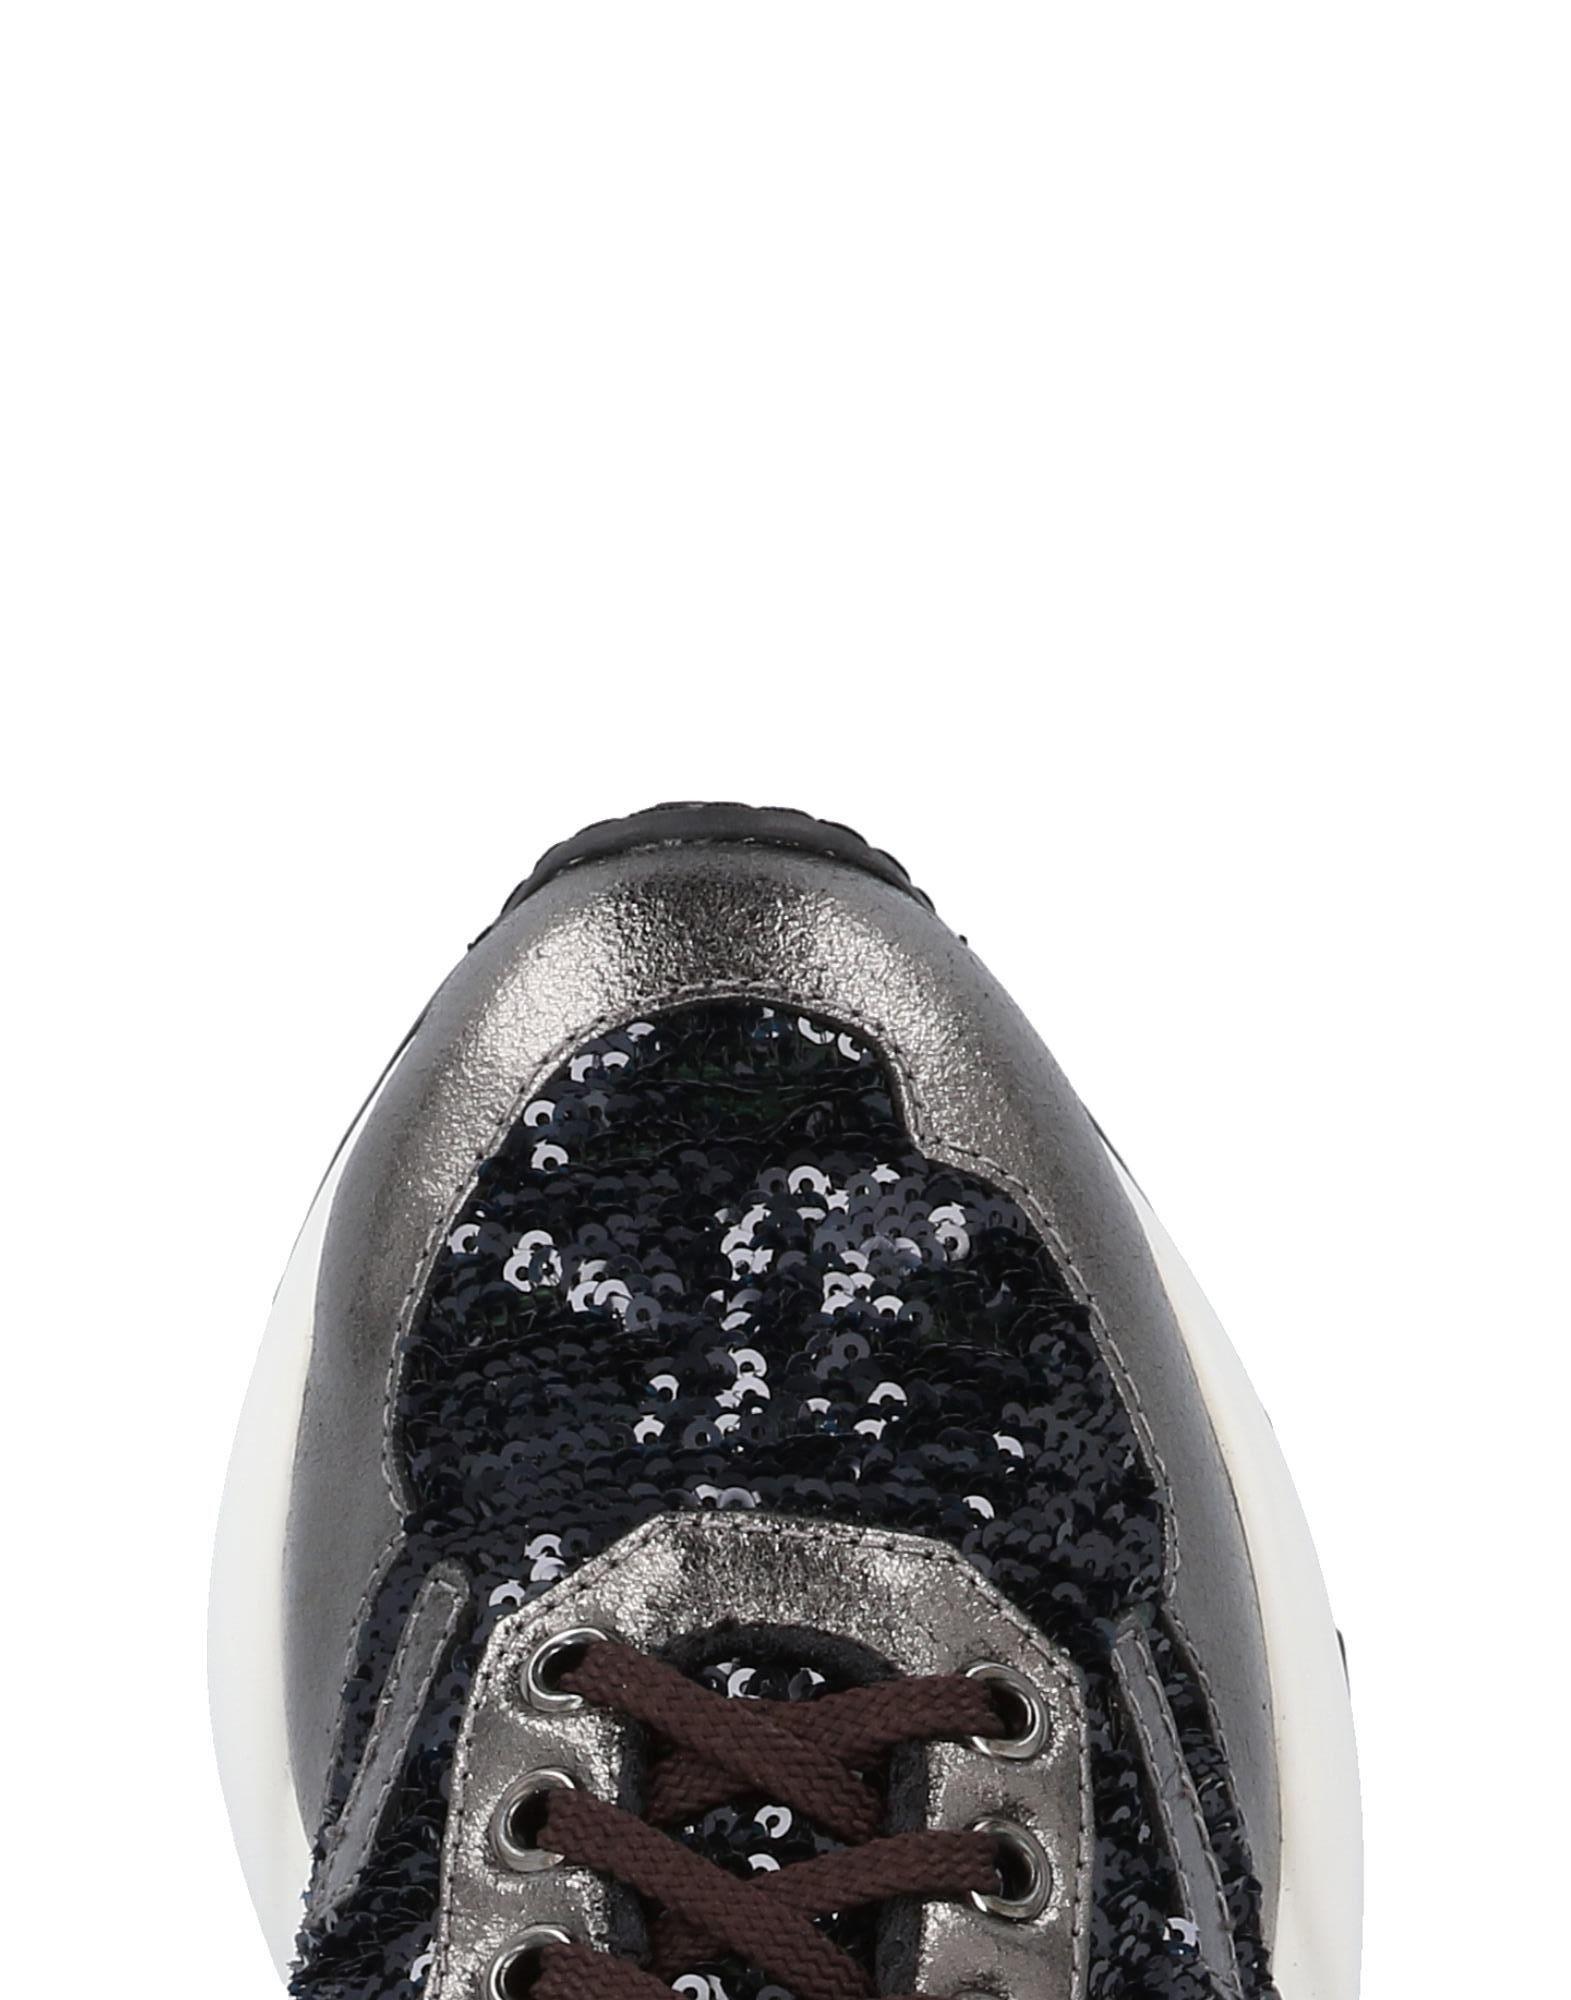 Ruco Line Sneakers Damen Gutes Preis-Leistungs-Verhältnis, lohnt es lohnt Preis-Leistungs-Verhältnis, sich 0dbb7d